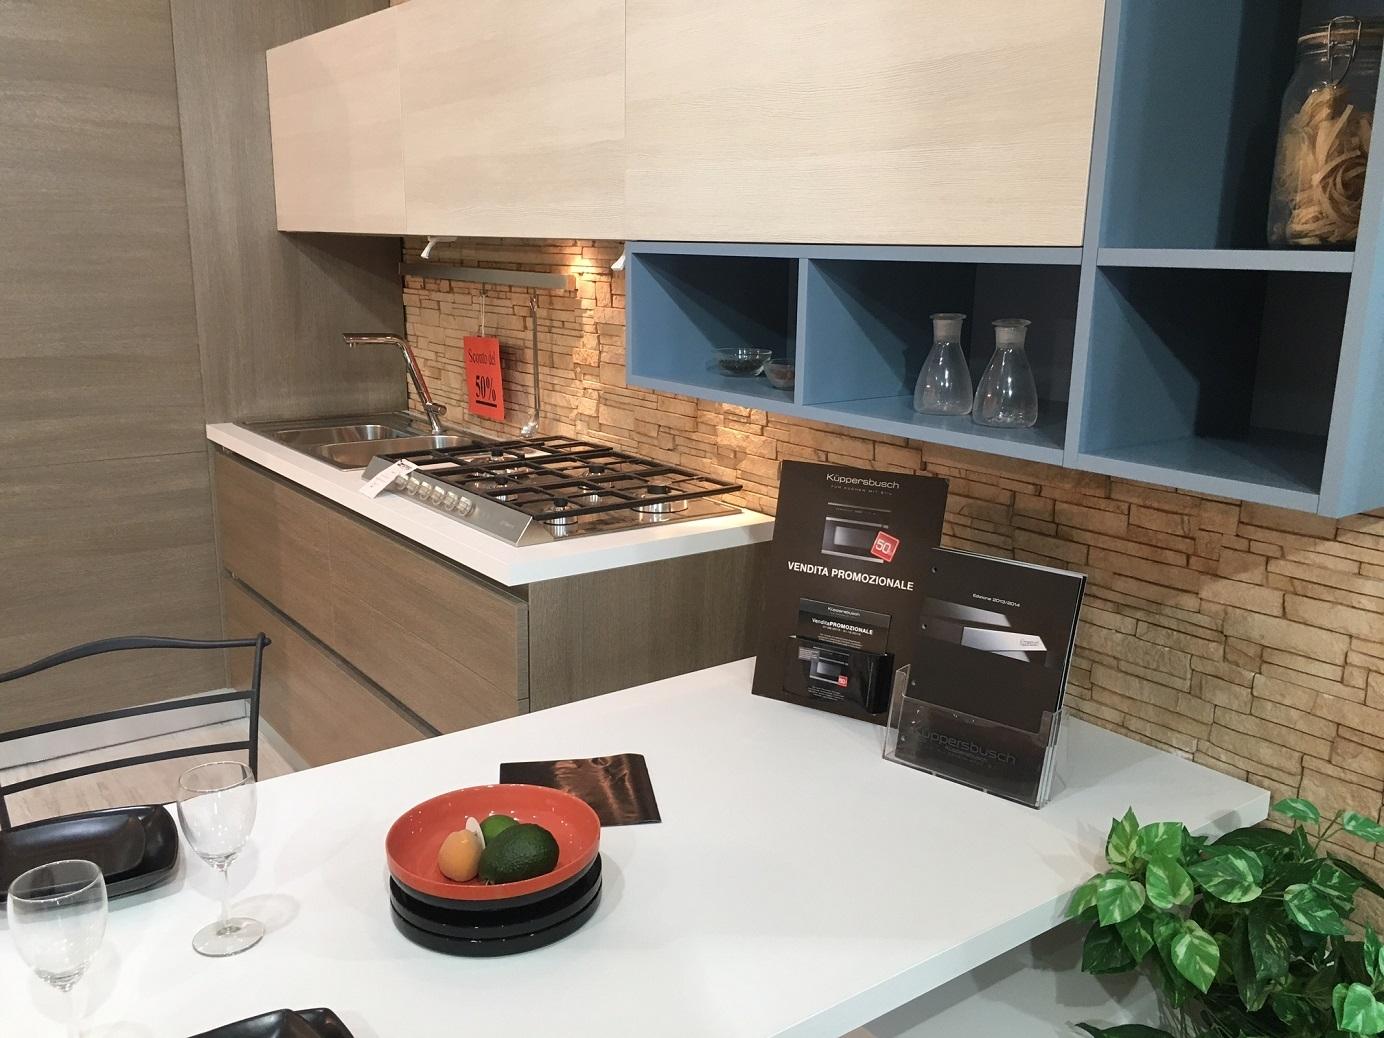 Cucina artre angolare in melaminico effetto legno cucine a prezzi scontati - Ripiani interni cucina ...